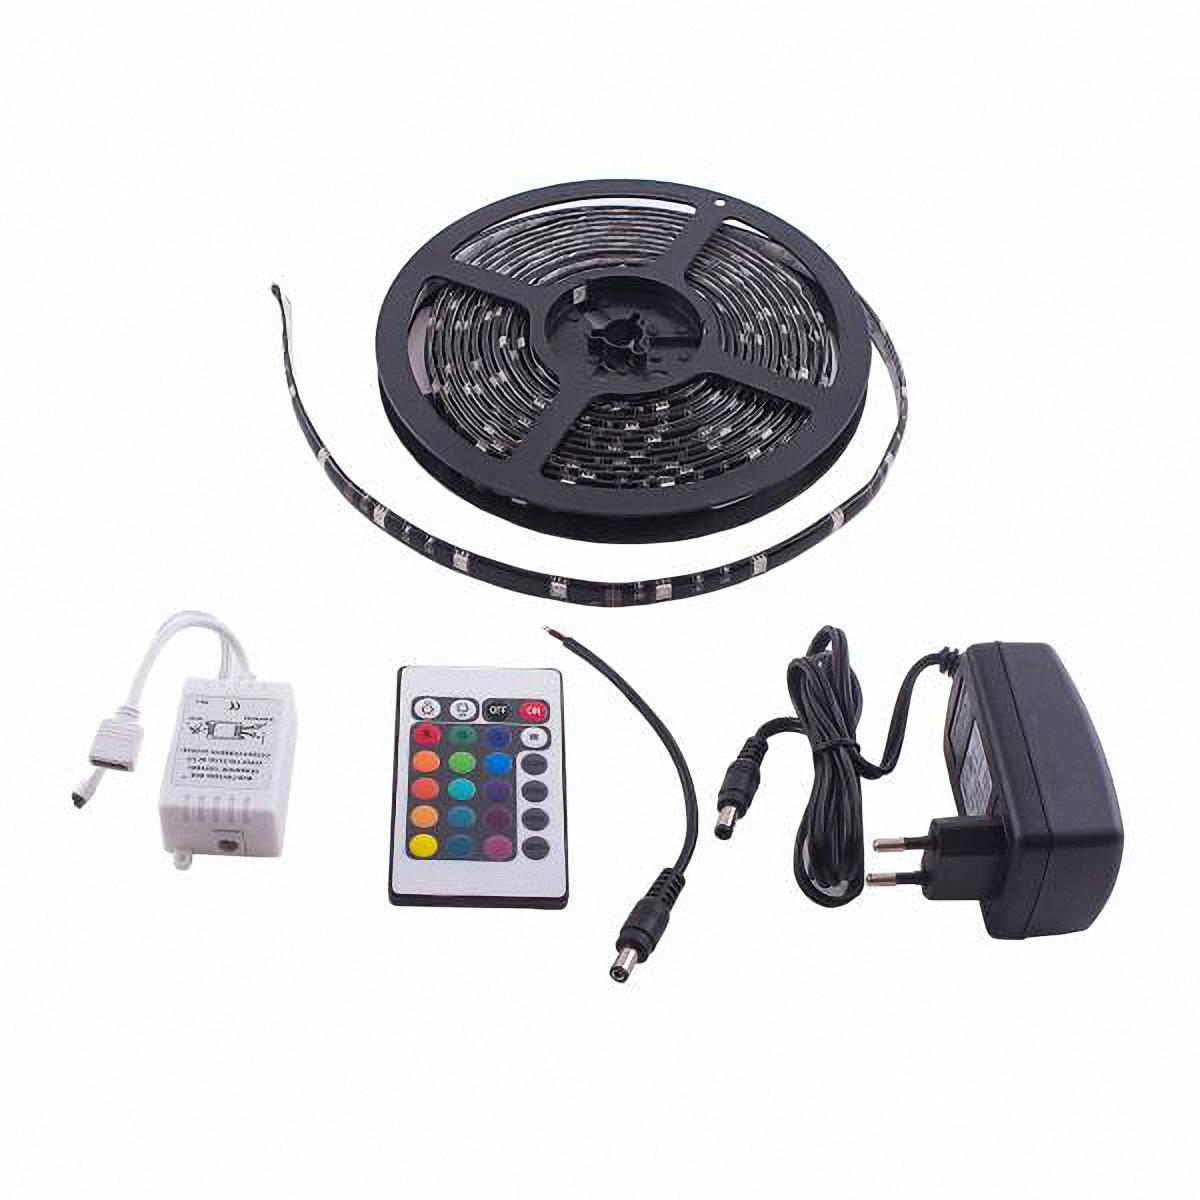 Лента светодиодная Skyway 150 SMD диодов. S03201028S03201028Ленту светодиодную Skyway возможно использовать внутри и снаружи автомобиля. Она легко крепится и имеет водонепроницаемую конструкцию. Входное напряжение: 12V.Длина: 500 см.Цвет основы: черный. В комплект входит пульт (контроллер). Характеристики контроллера: Рабочая температура: -20°С - +60°С.Размер: 62 х 35 х 23 мм. Масса нетто: 50 г.Максимальный ток нагрузки для каждого цвета: 2А. Напряжение питания: 12 V. Способ соединения: общий анод.